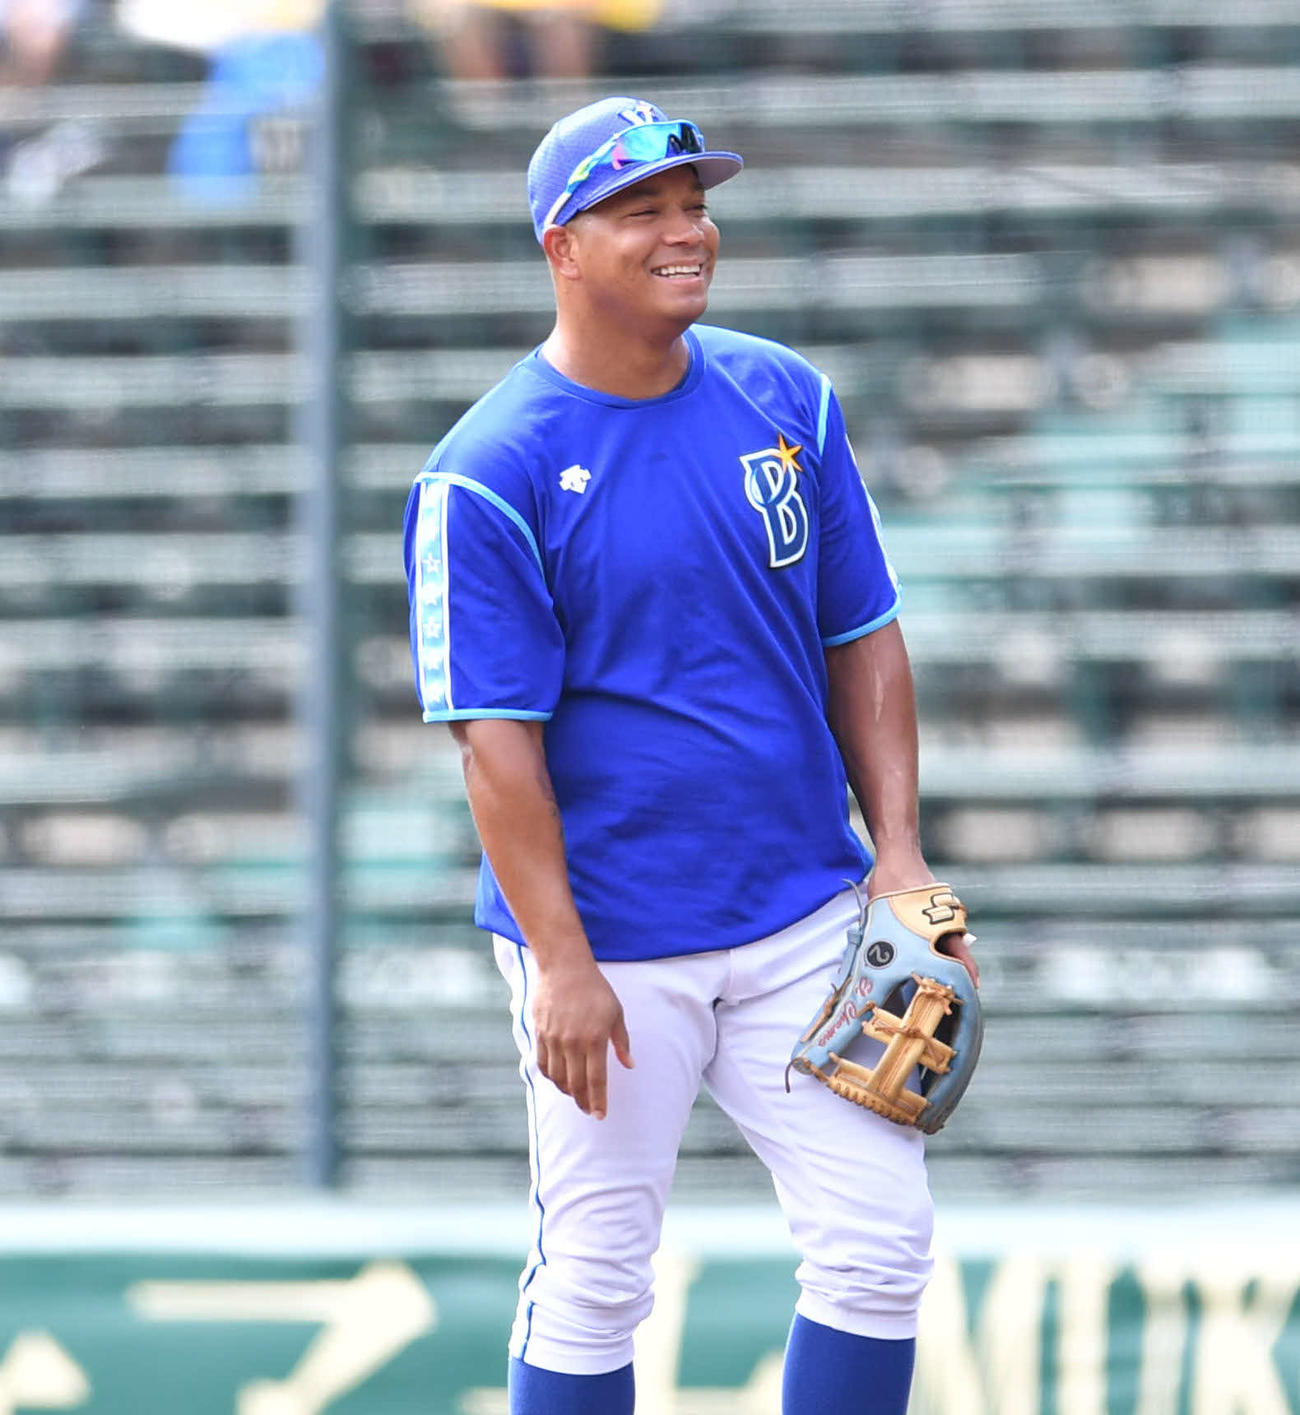 阪神対DeNA17回戦 試合前、一塁の守備位置につき笑顔を見せるDeNAホセ・ロペス(撮影・岩下翔太)